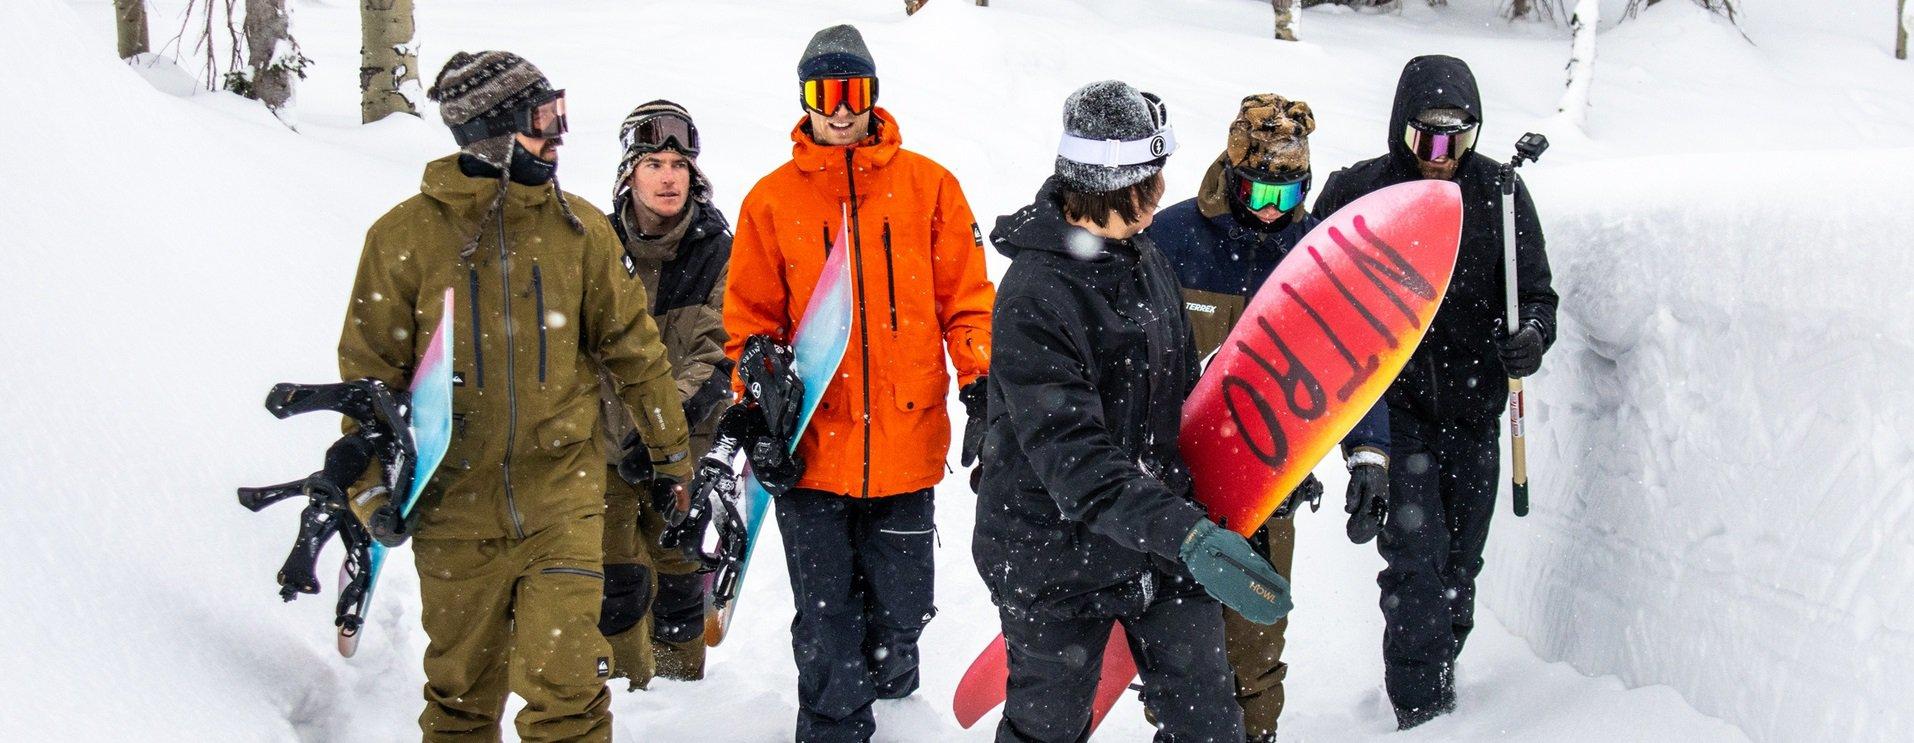 nitro-Quiver-cannon-exilshop-snowboard-olomouc